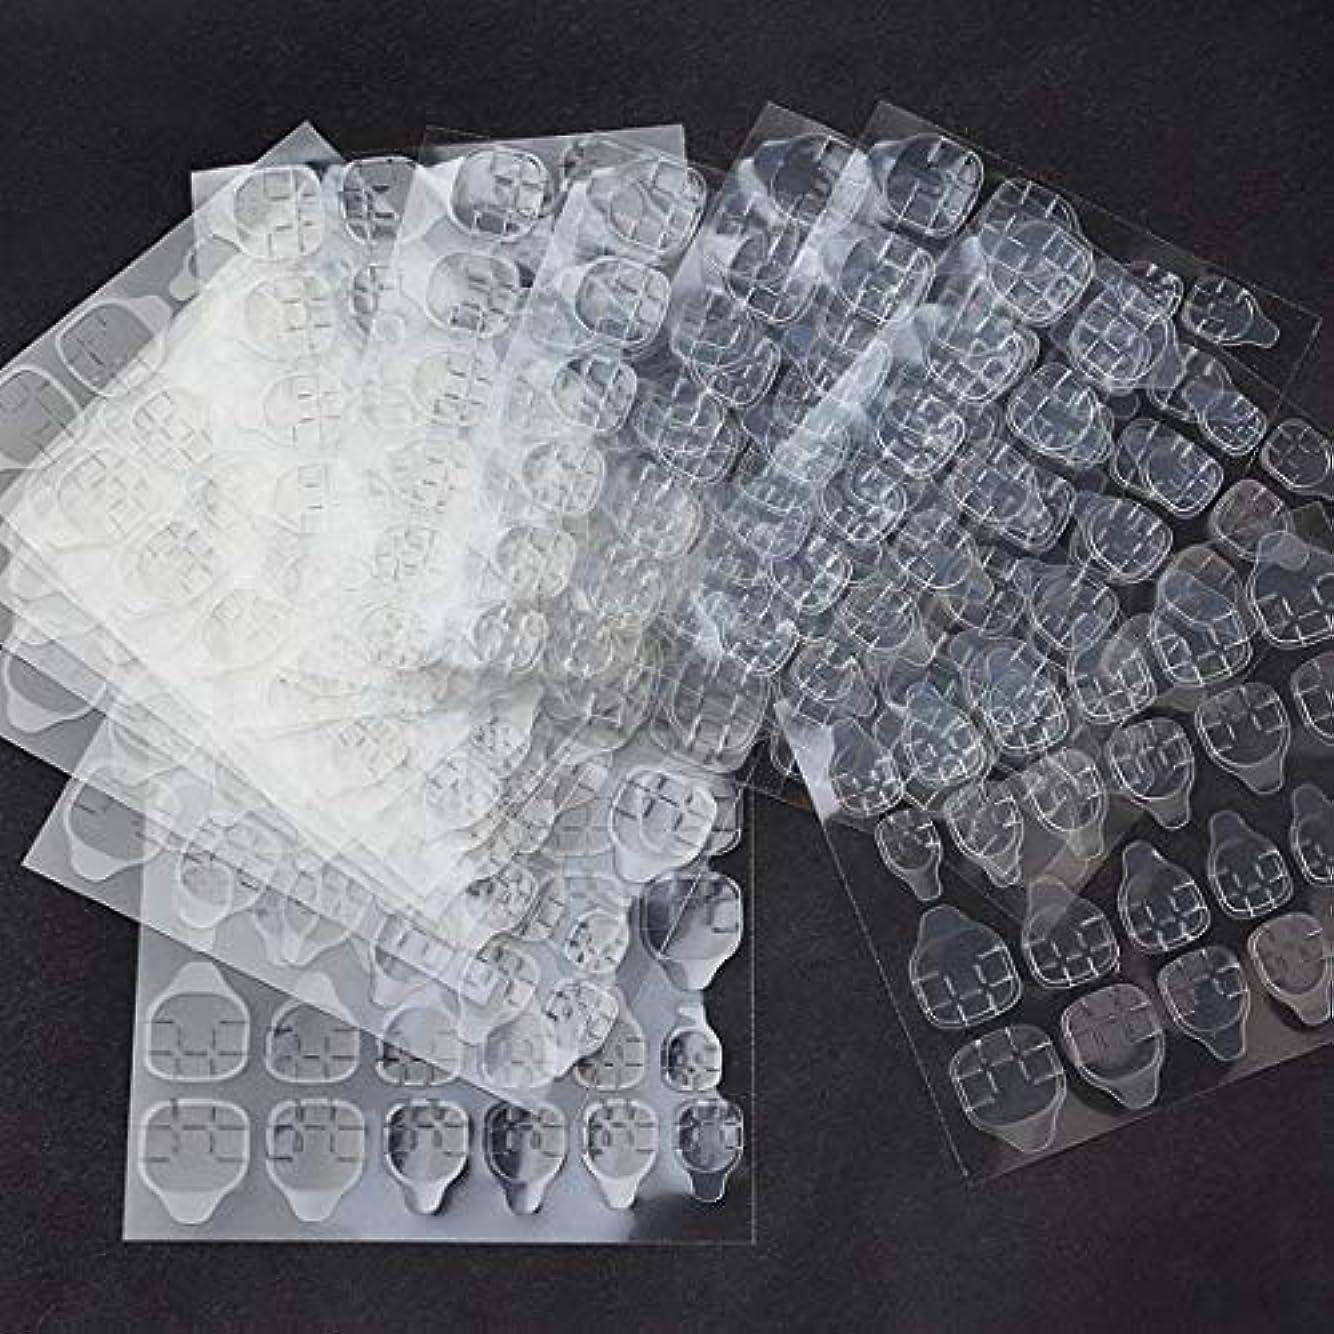 引き潮芽三角Tianmey 10枚防水通気性透明超薄型両面接着タブネイルグルーステッカー偽ネイルのヒント